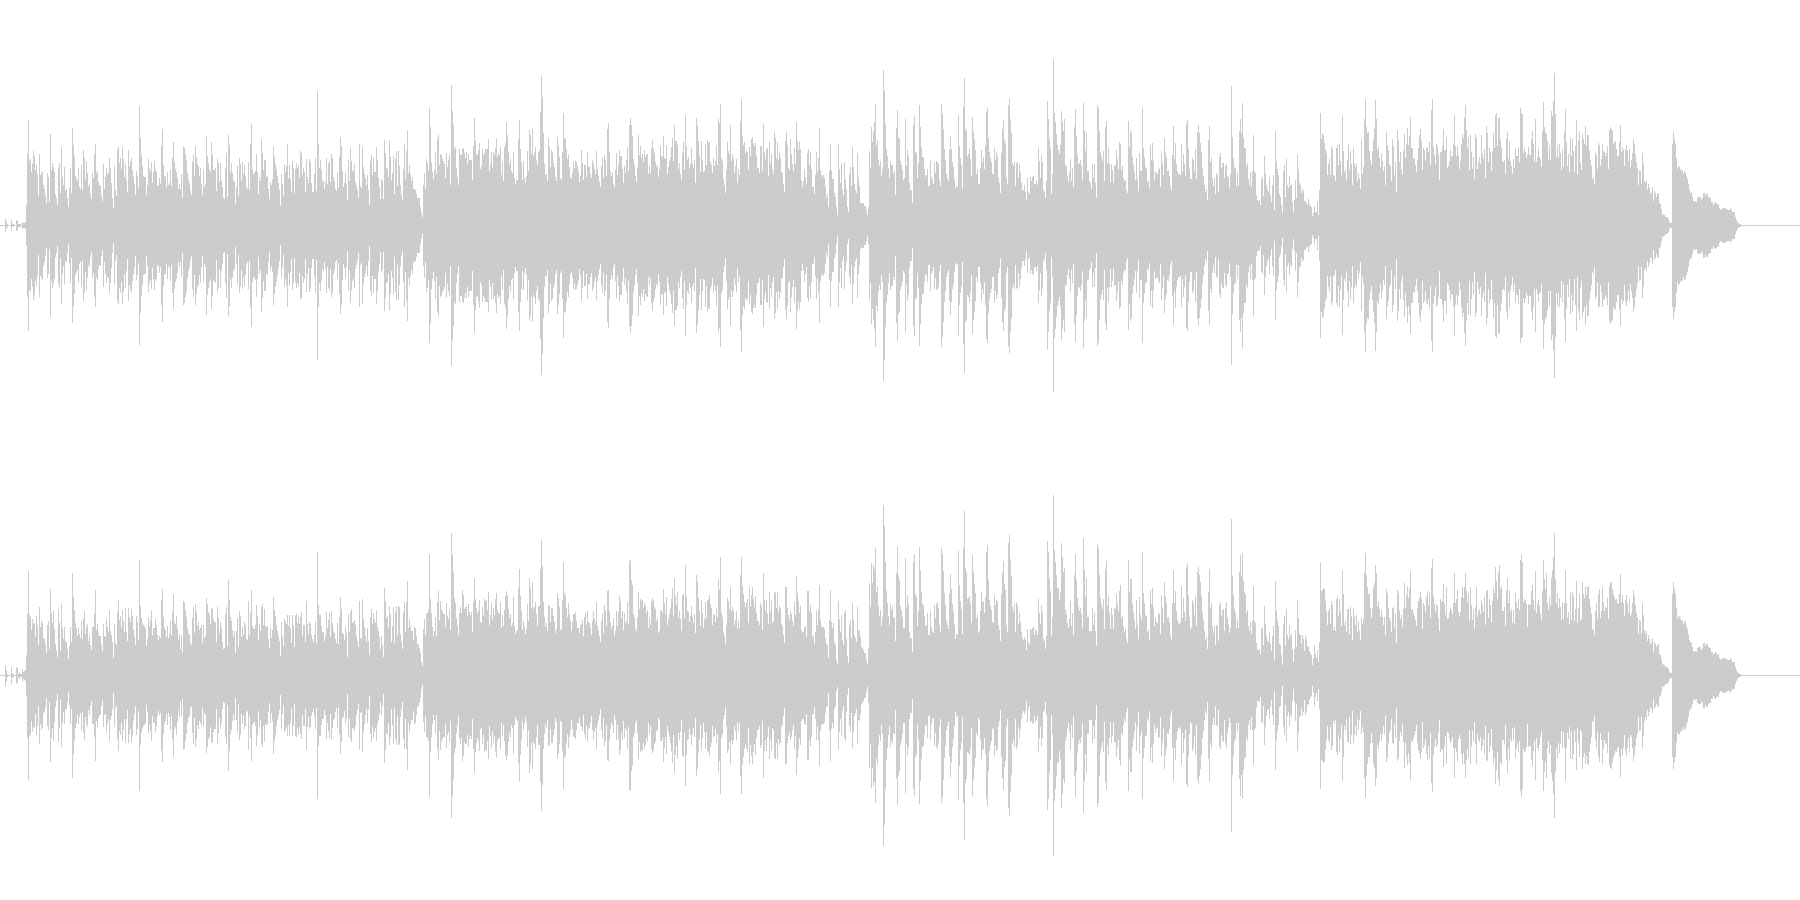 FineRain_ (jazz 1)の未再生の波形